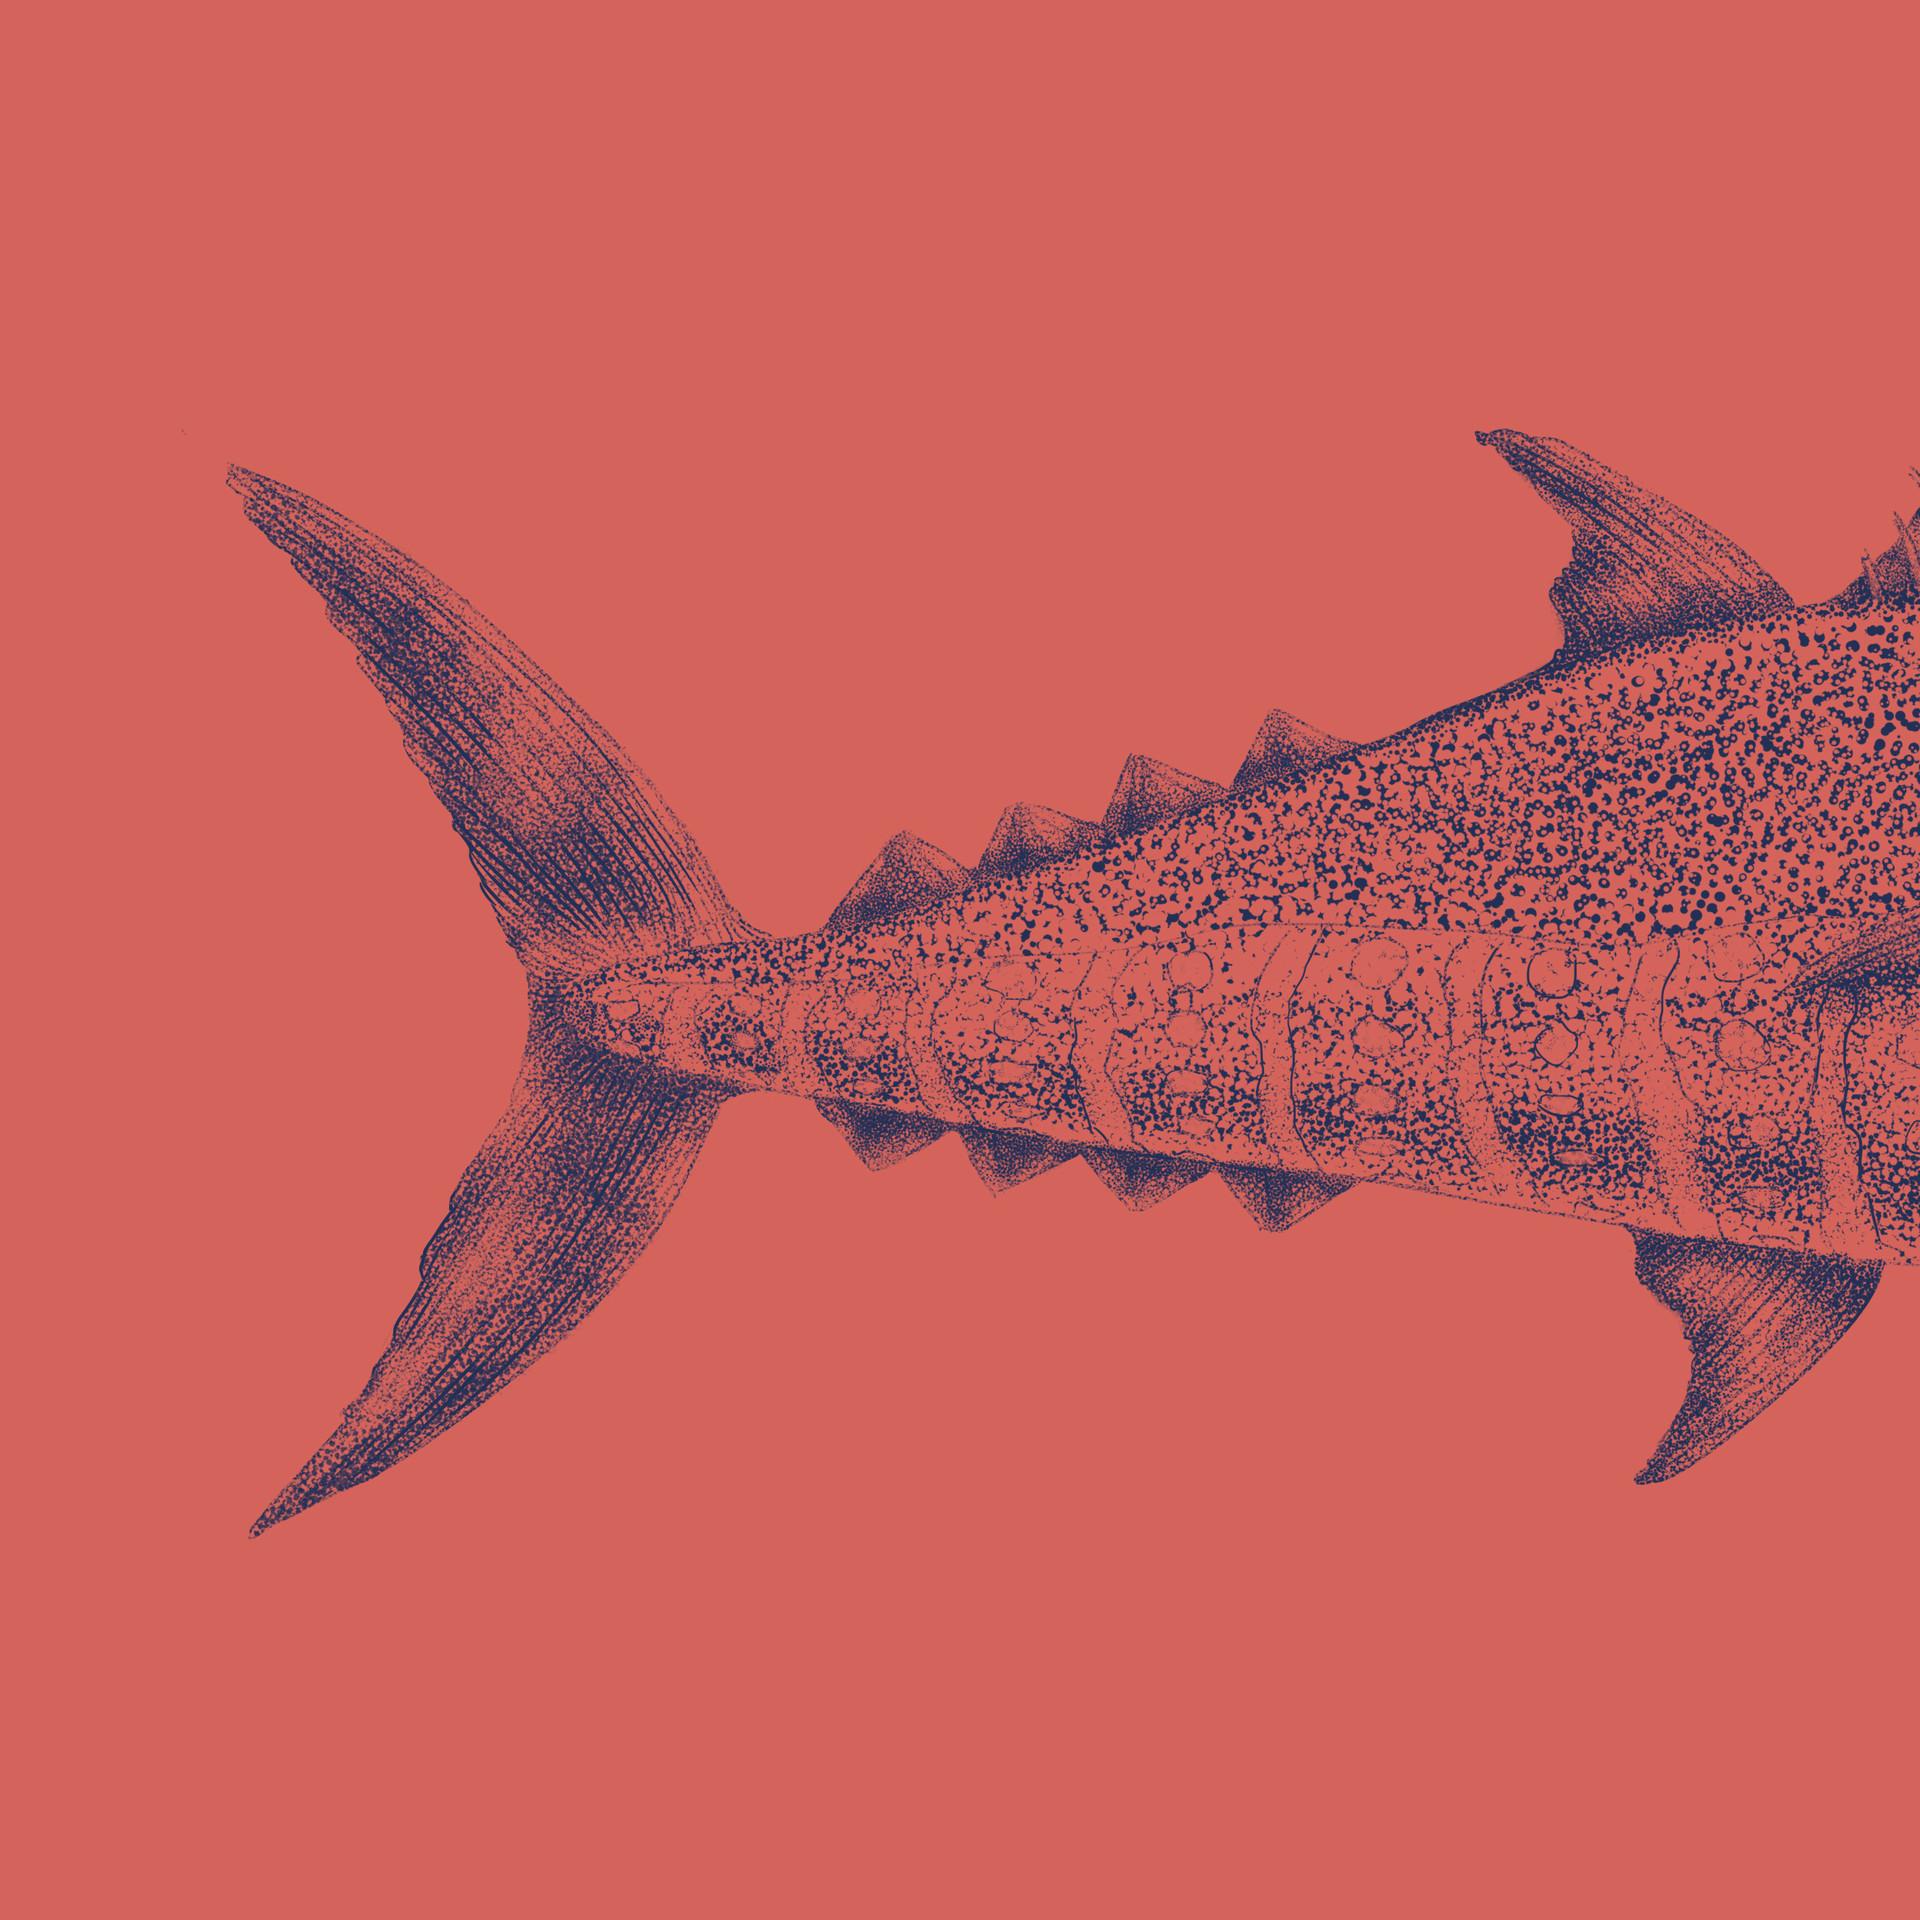 Marcos torres todos insta atum2